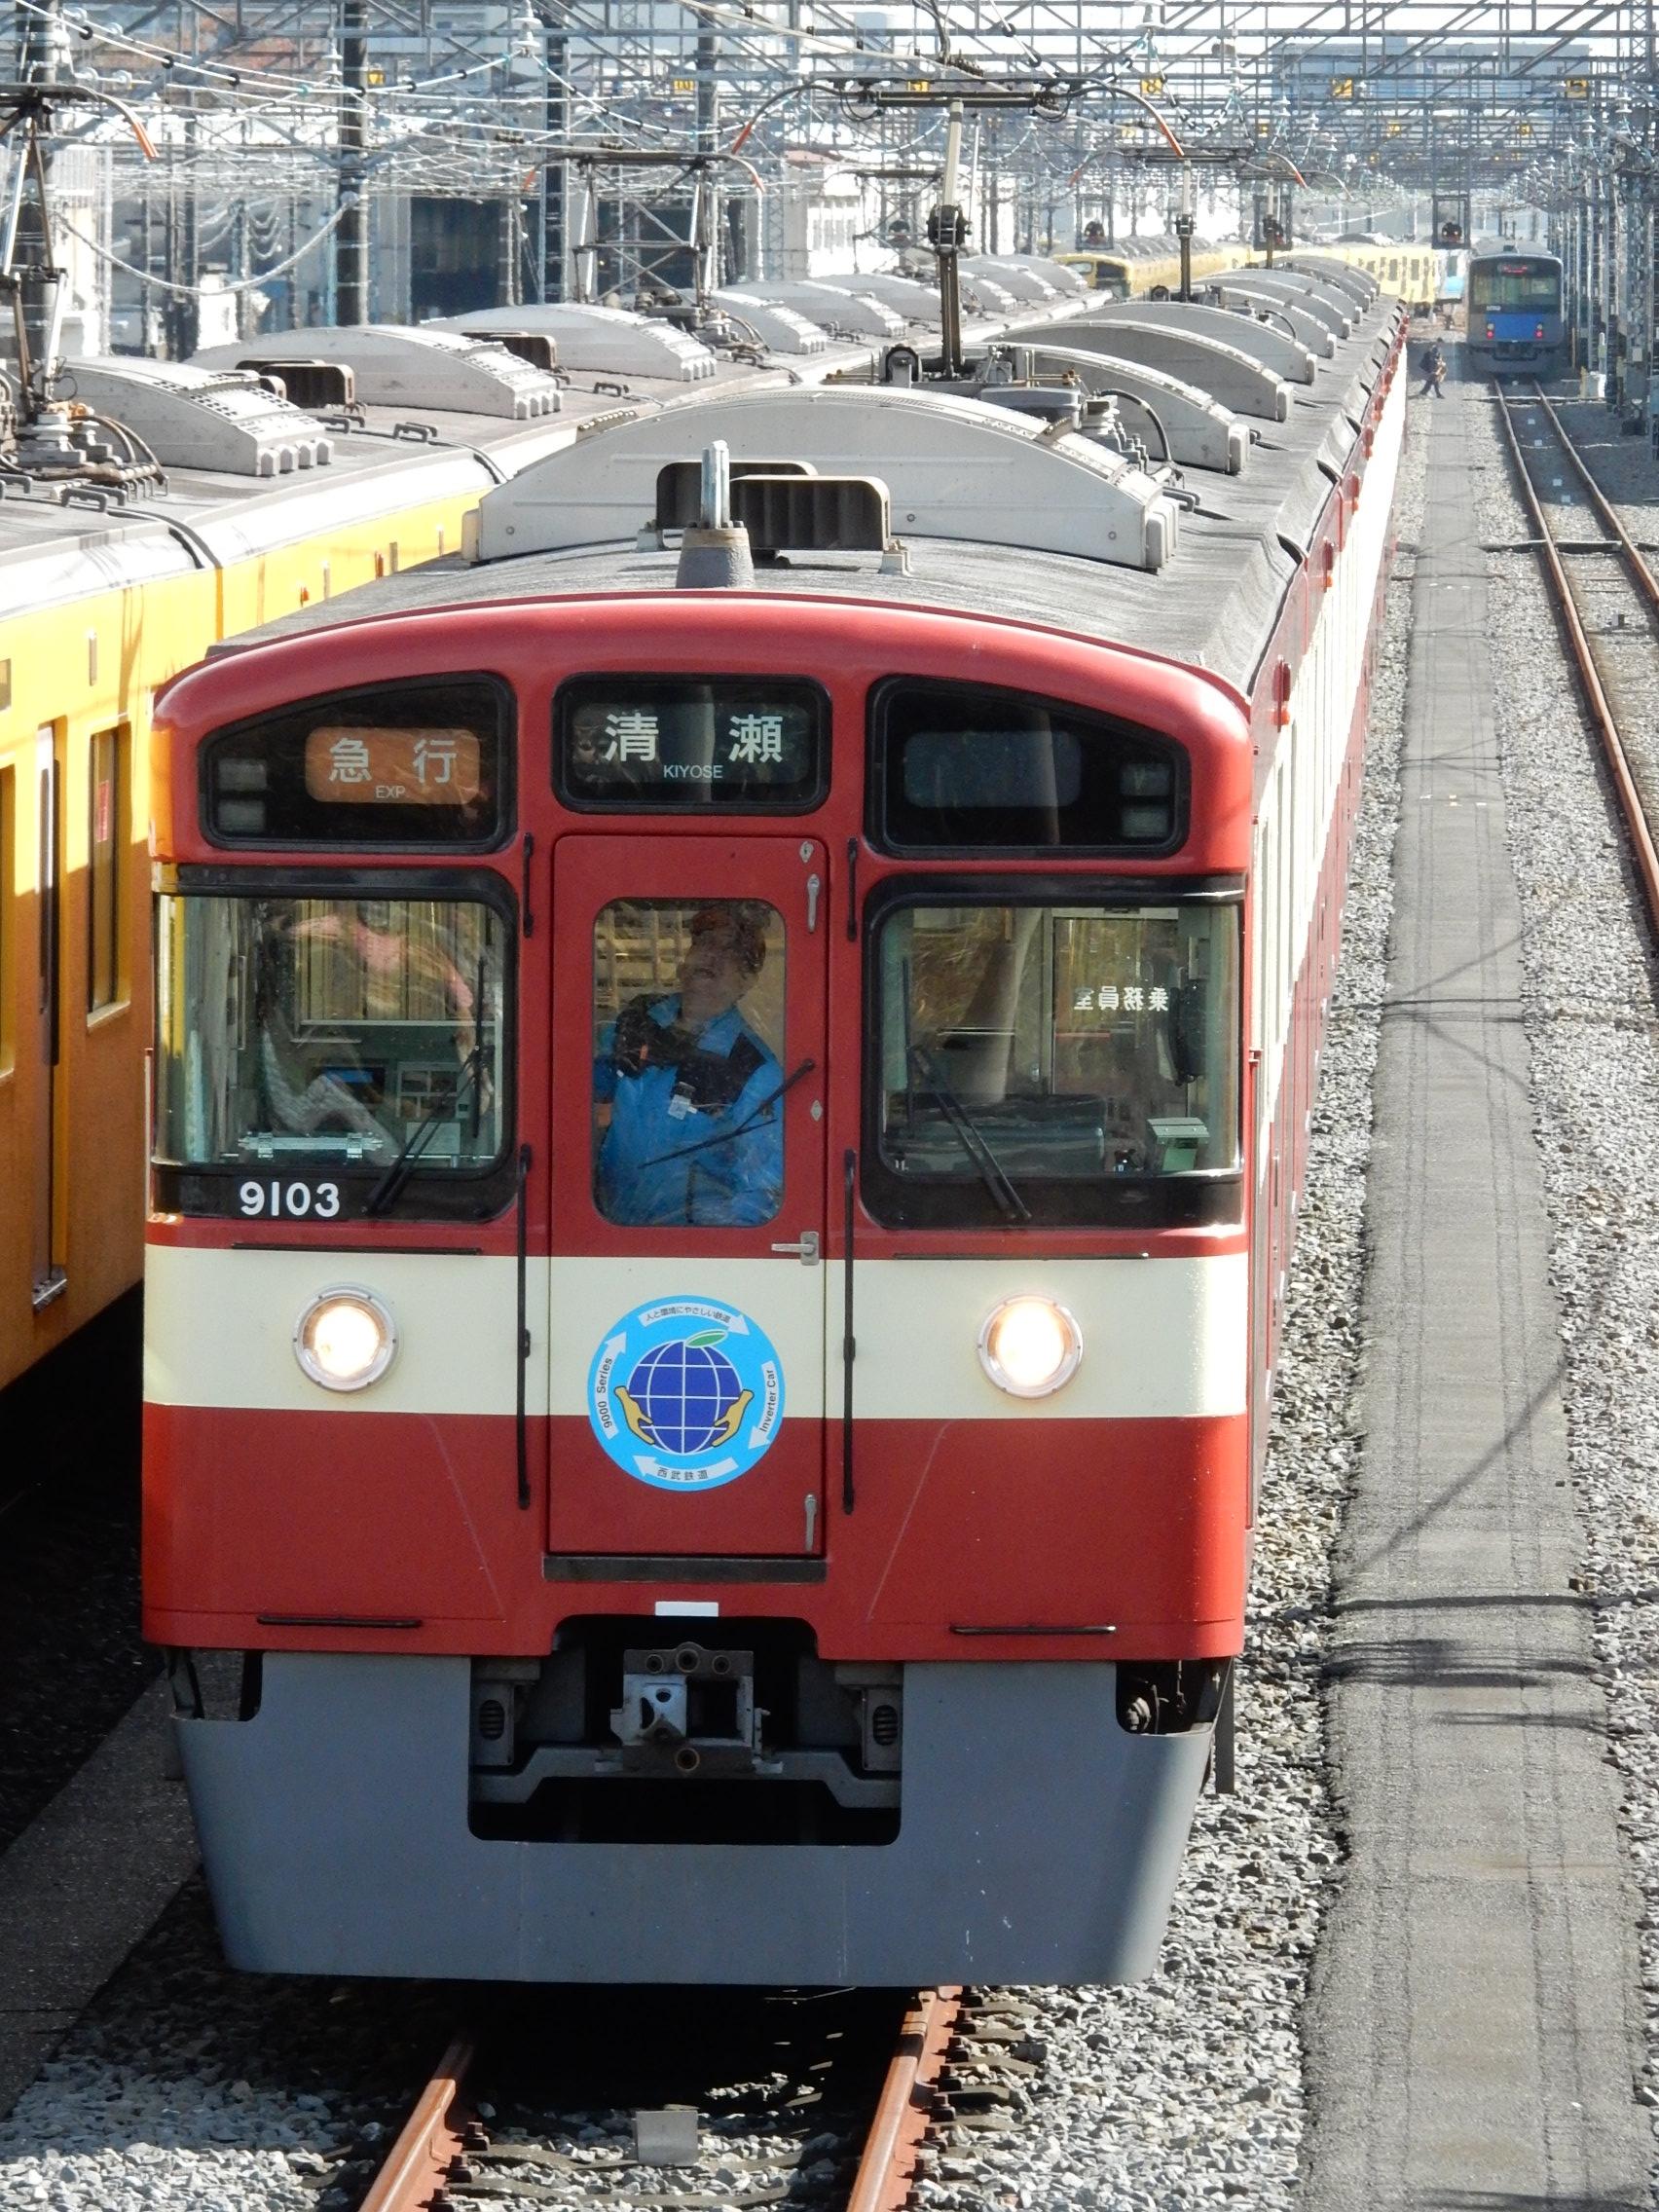 DSCN9058.jpg